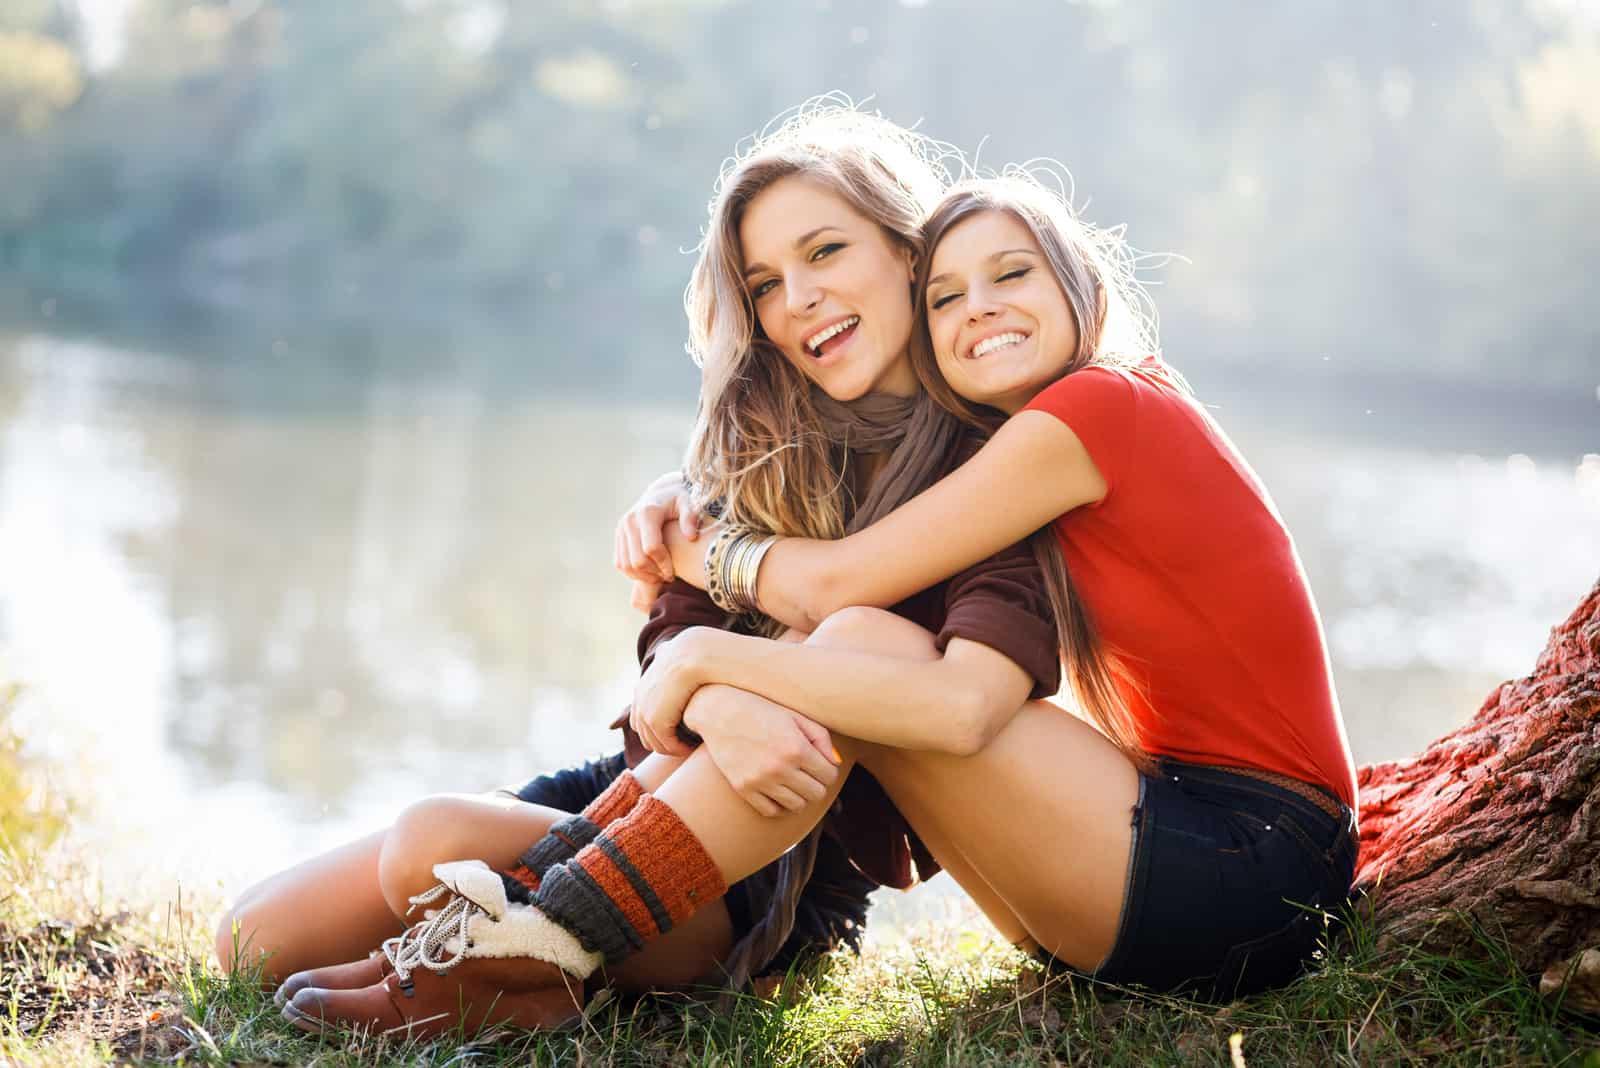 deux femmes embrassant assis sur l'herbe